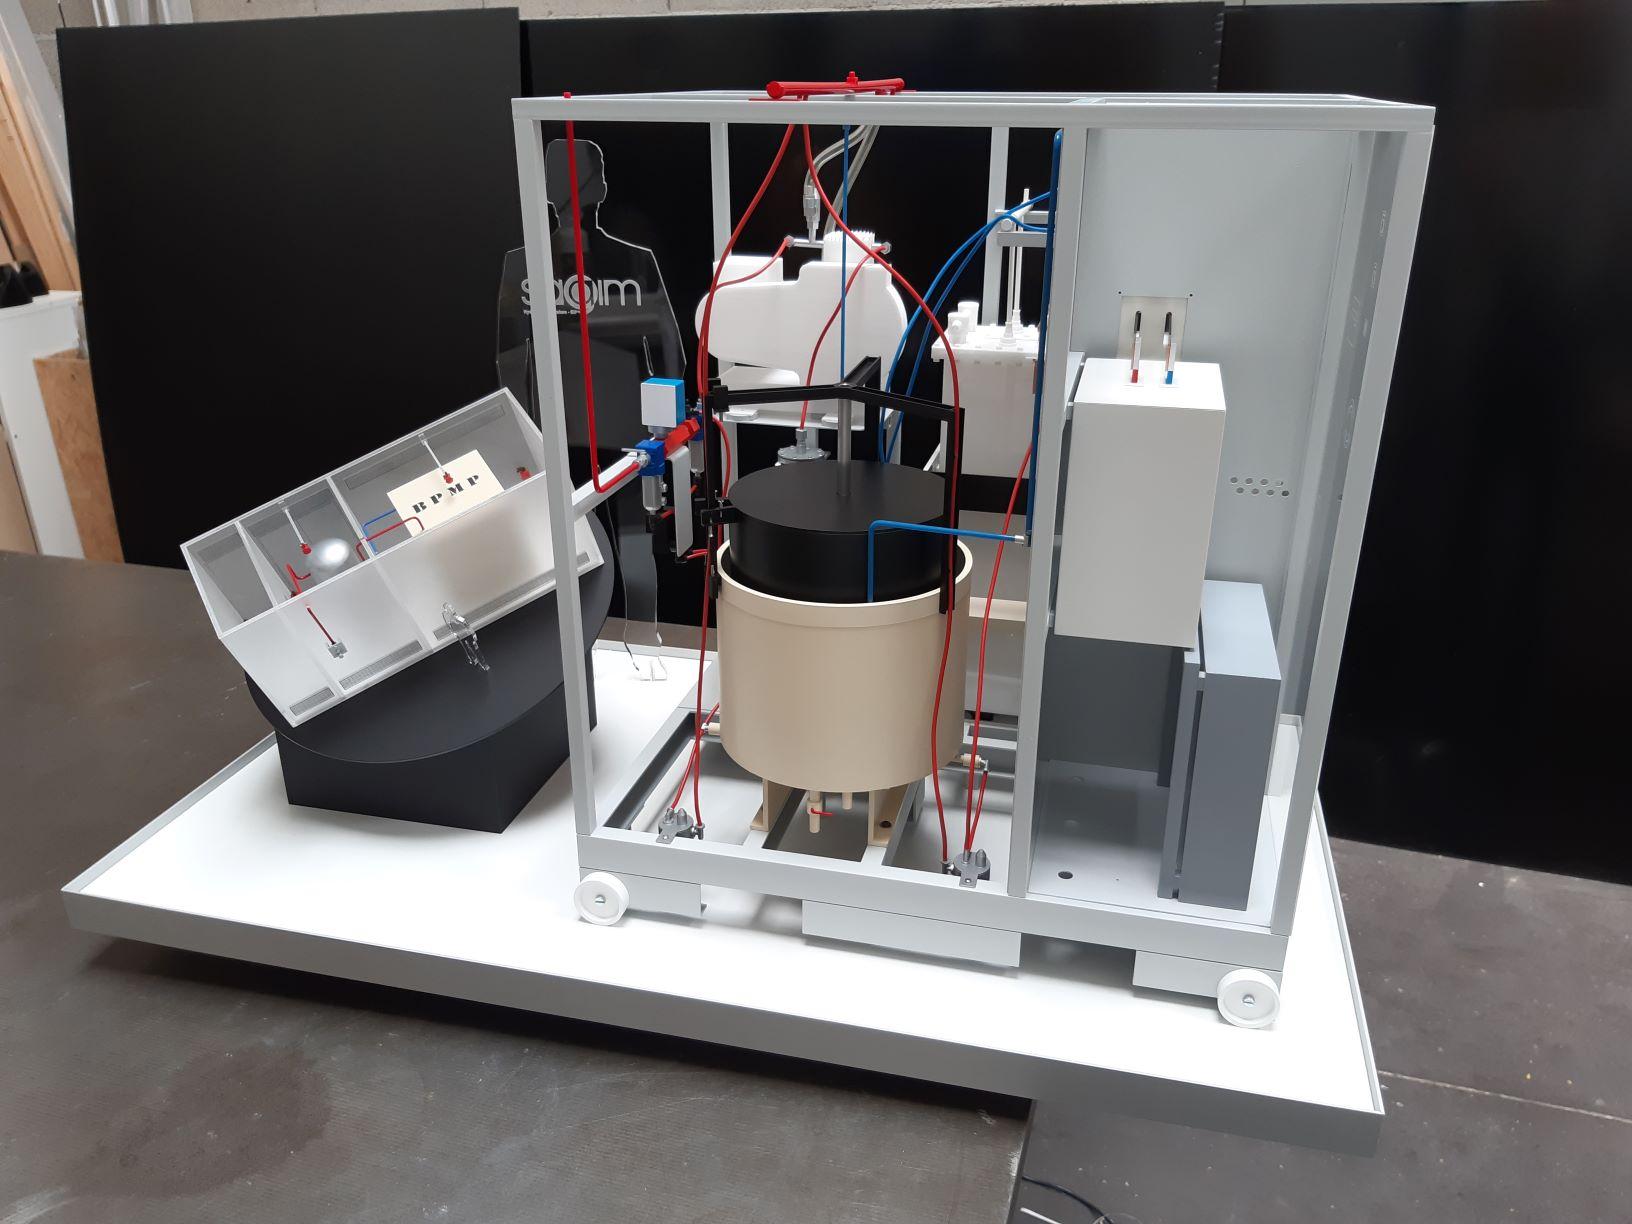 Sagim - Générateur d'Hydrogène échelle 1/4 et 1/25ème